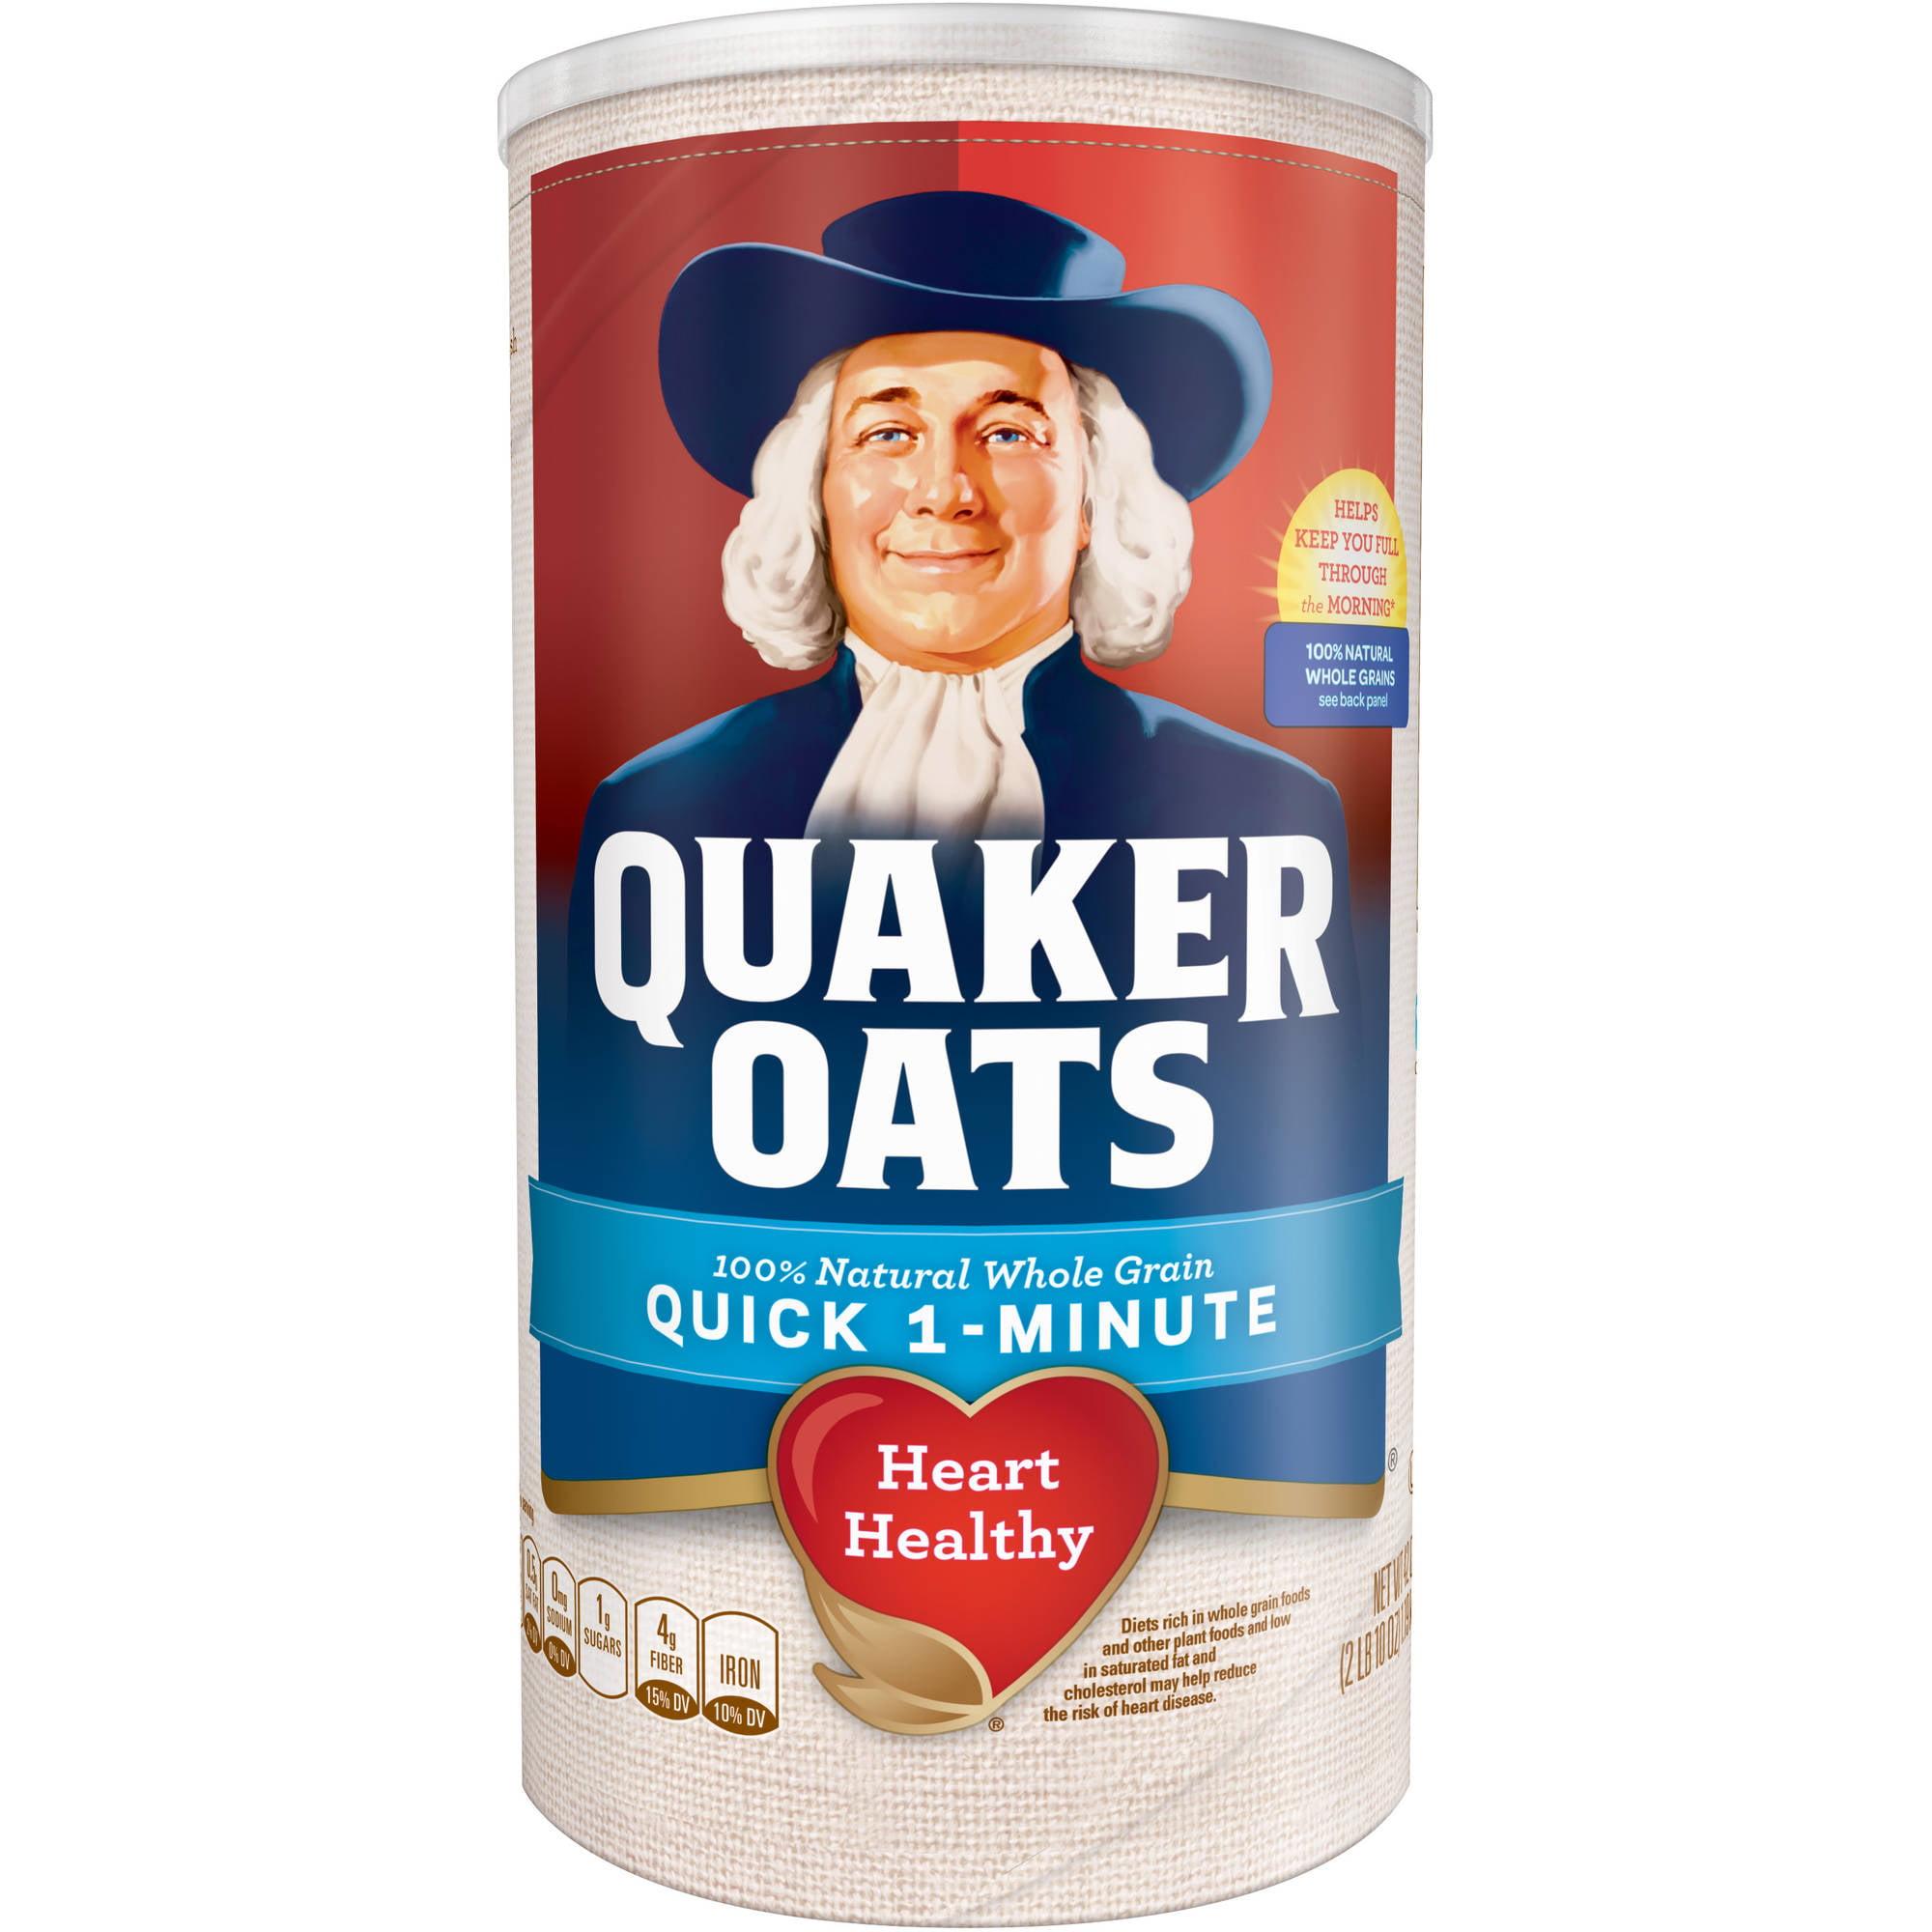 Quaker Oats Quick 1-Minute Oats, 42 oz